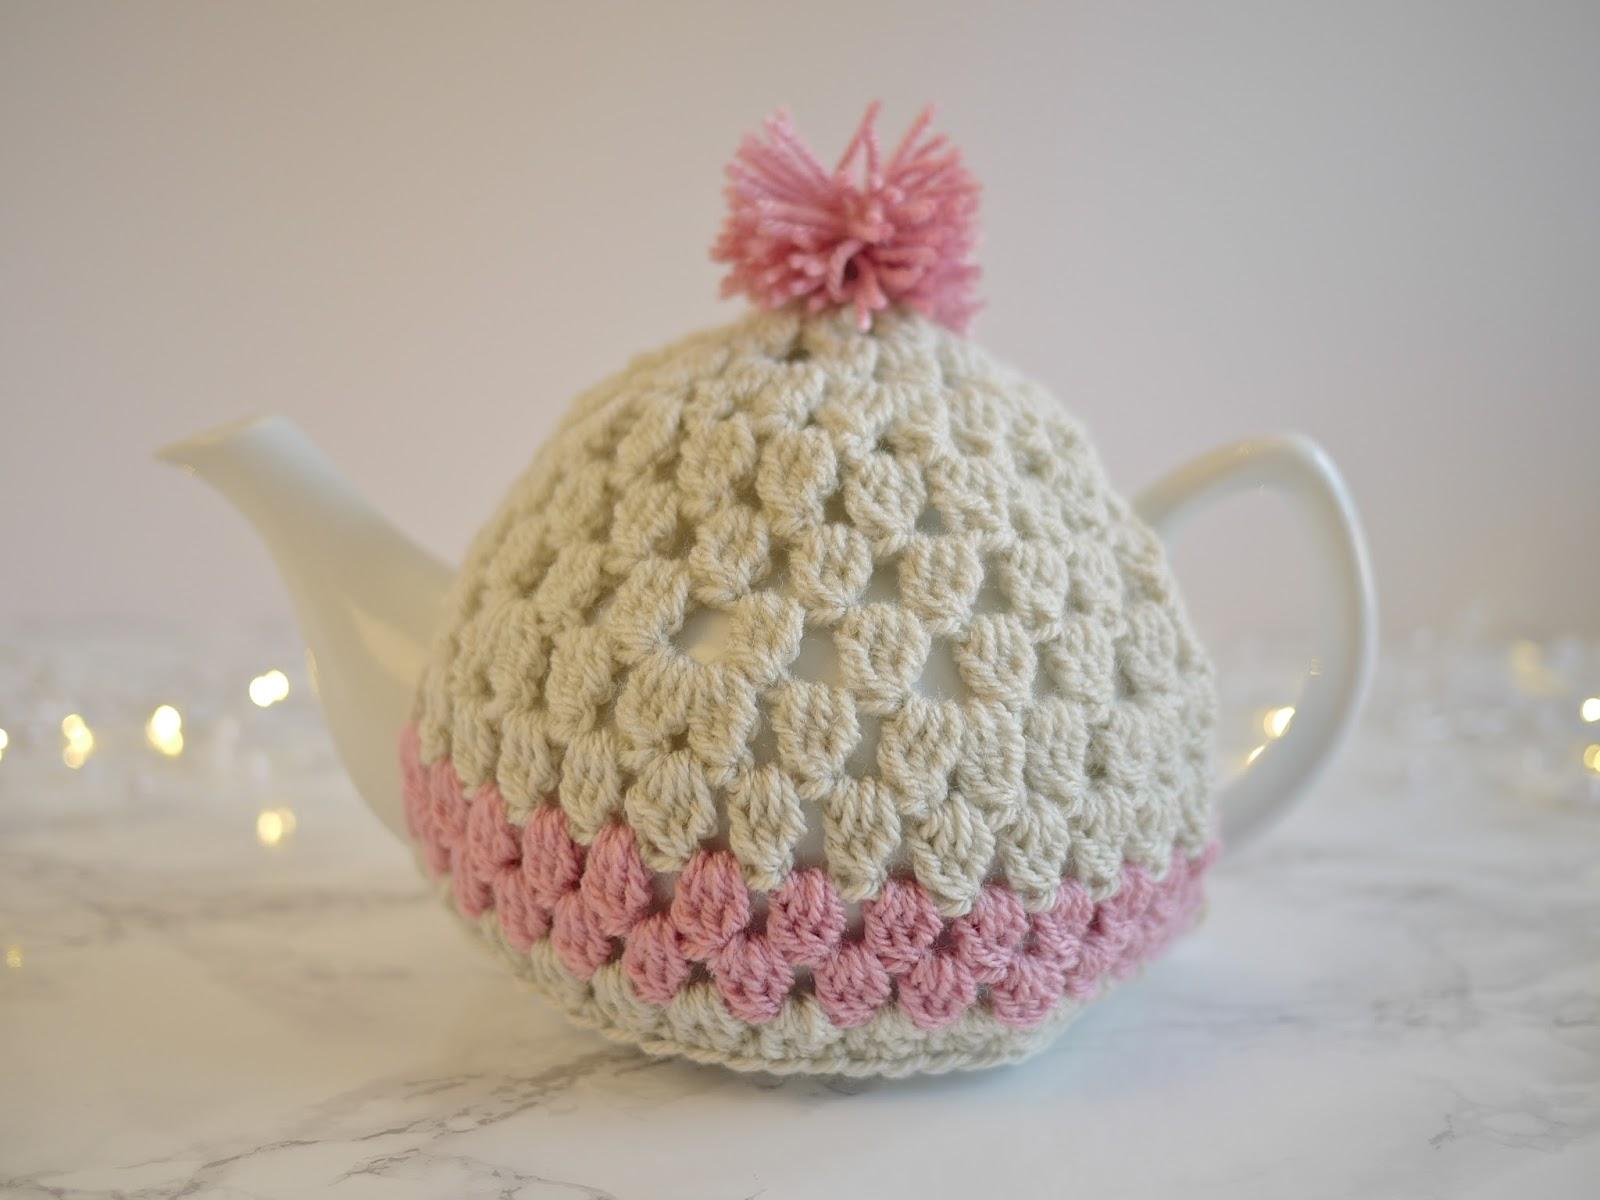 Crochet Tea Cosy Pattern Bella Coco By Sarah Jayne